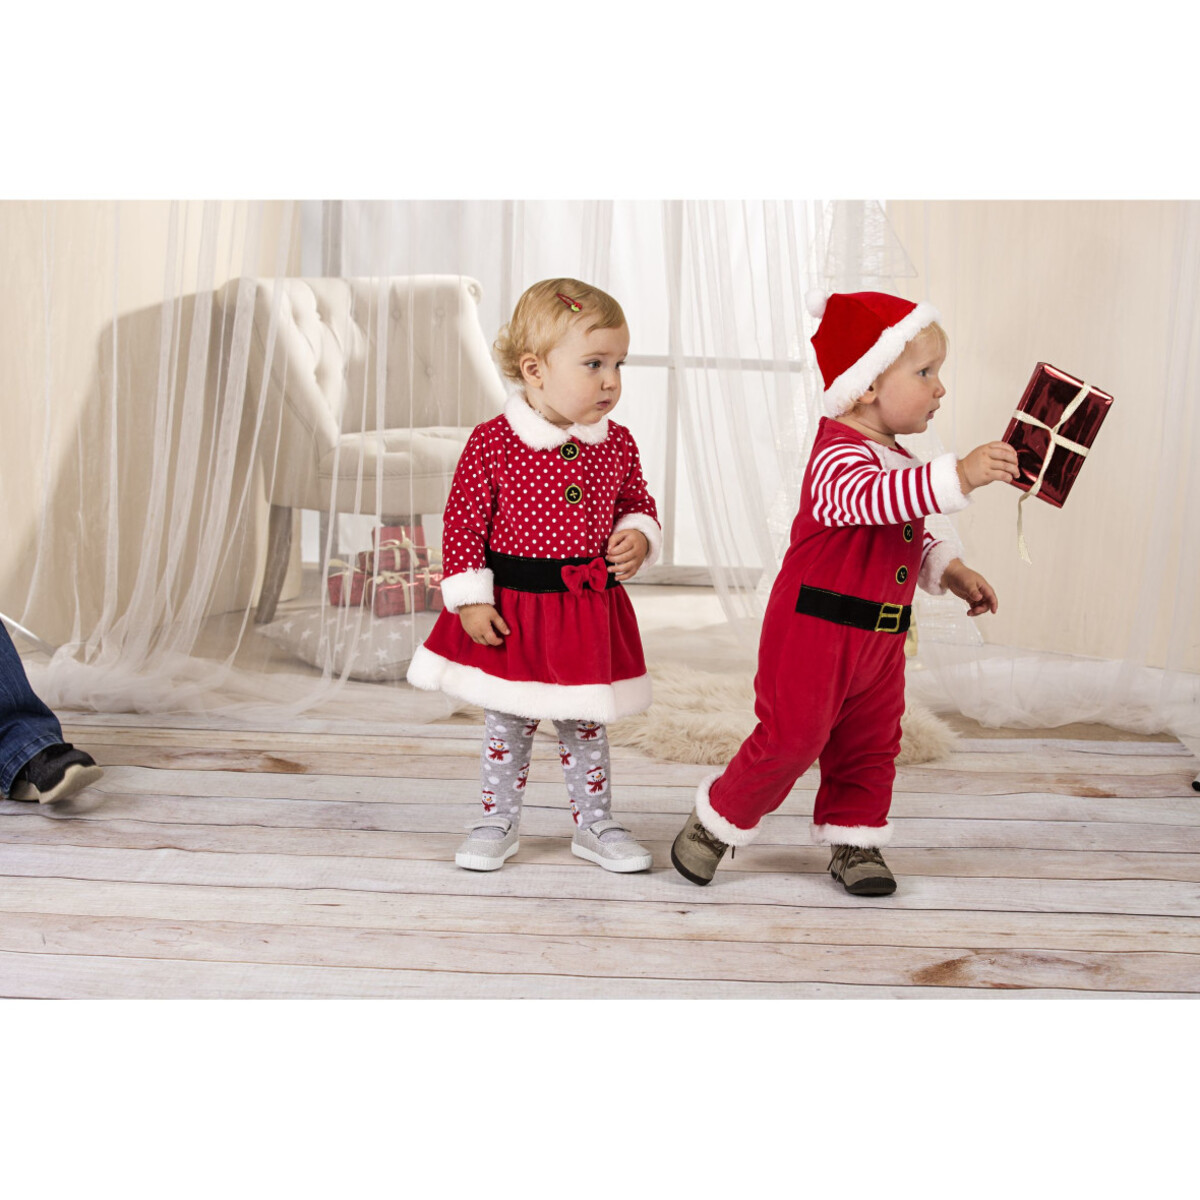 Bild 4 von Baby Weihnachtskleid